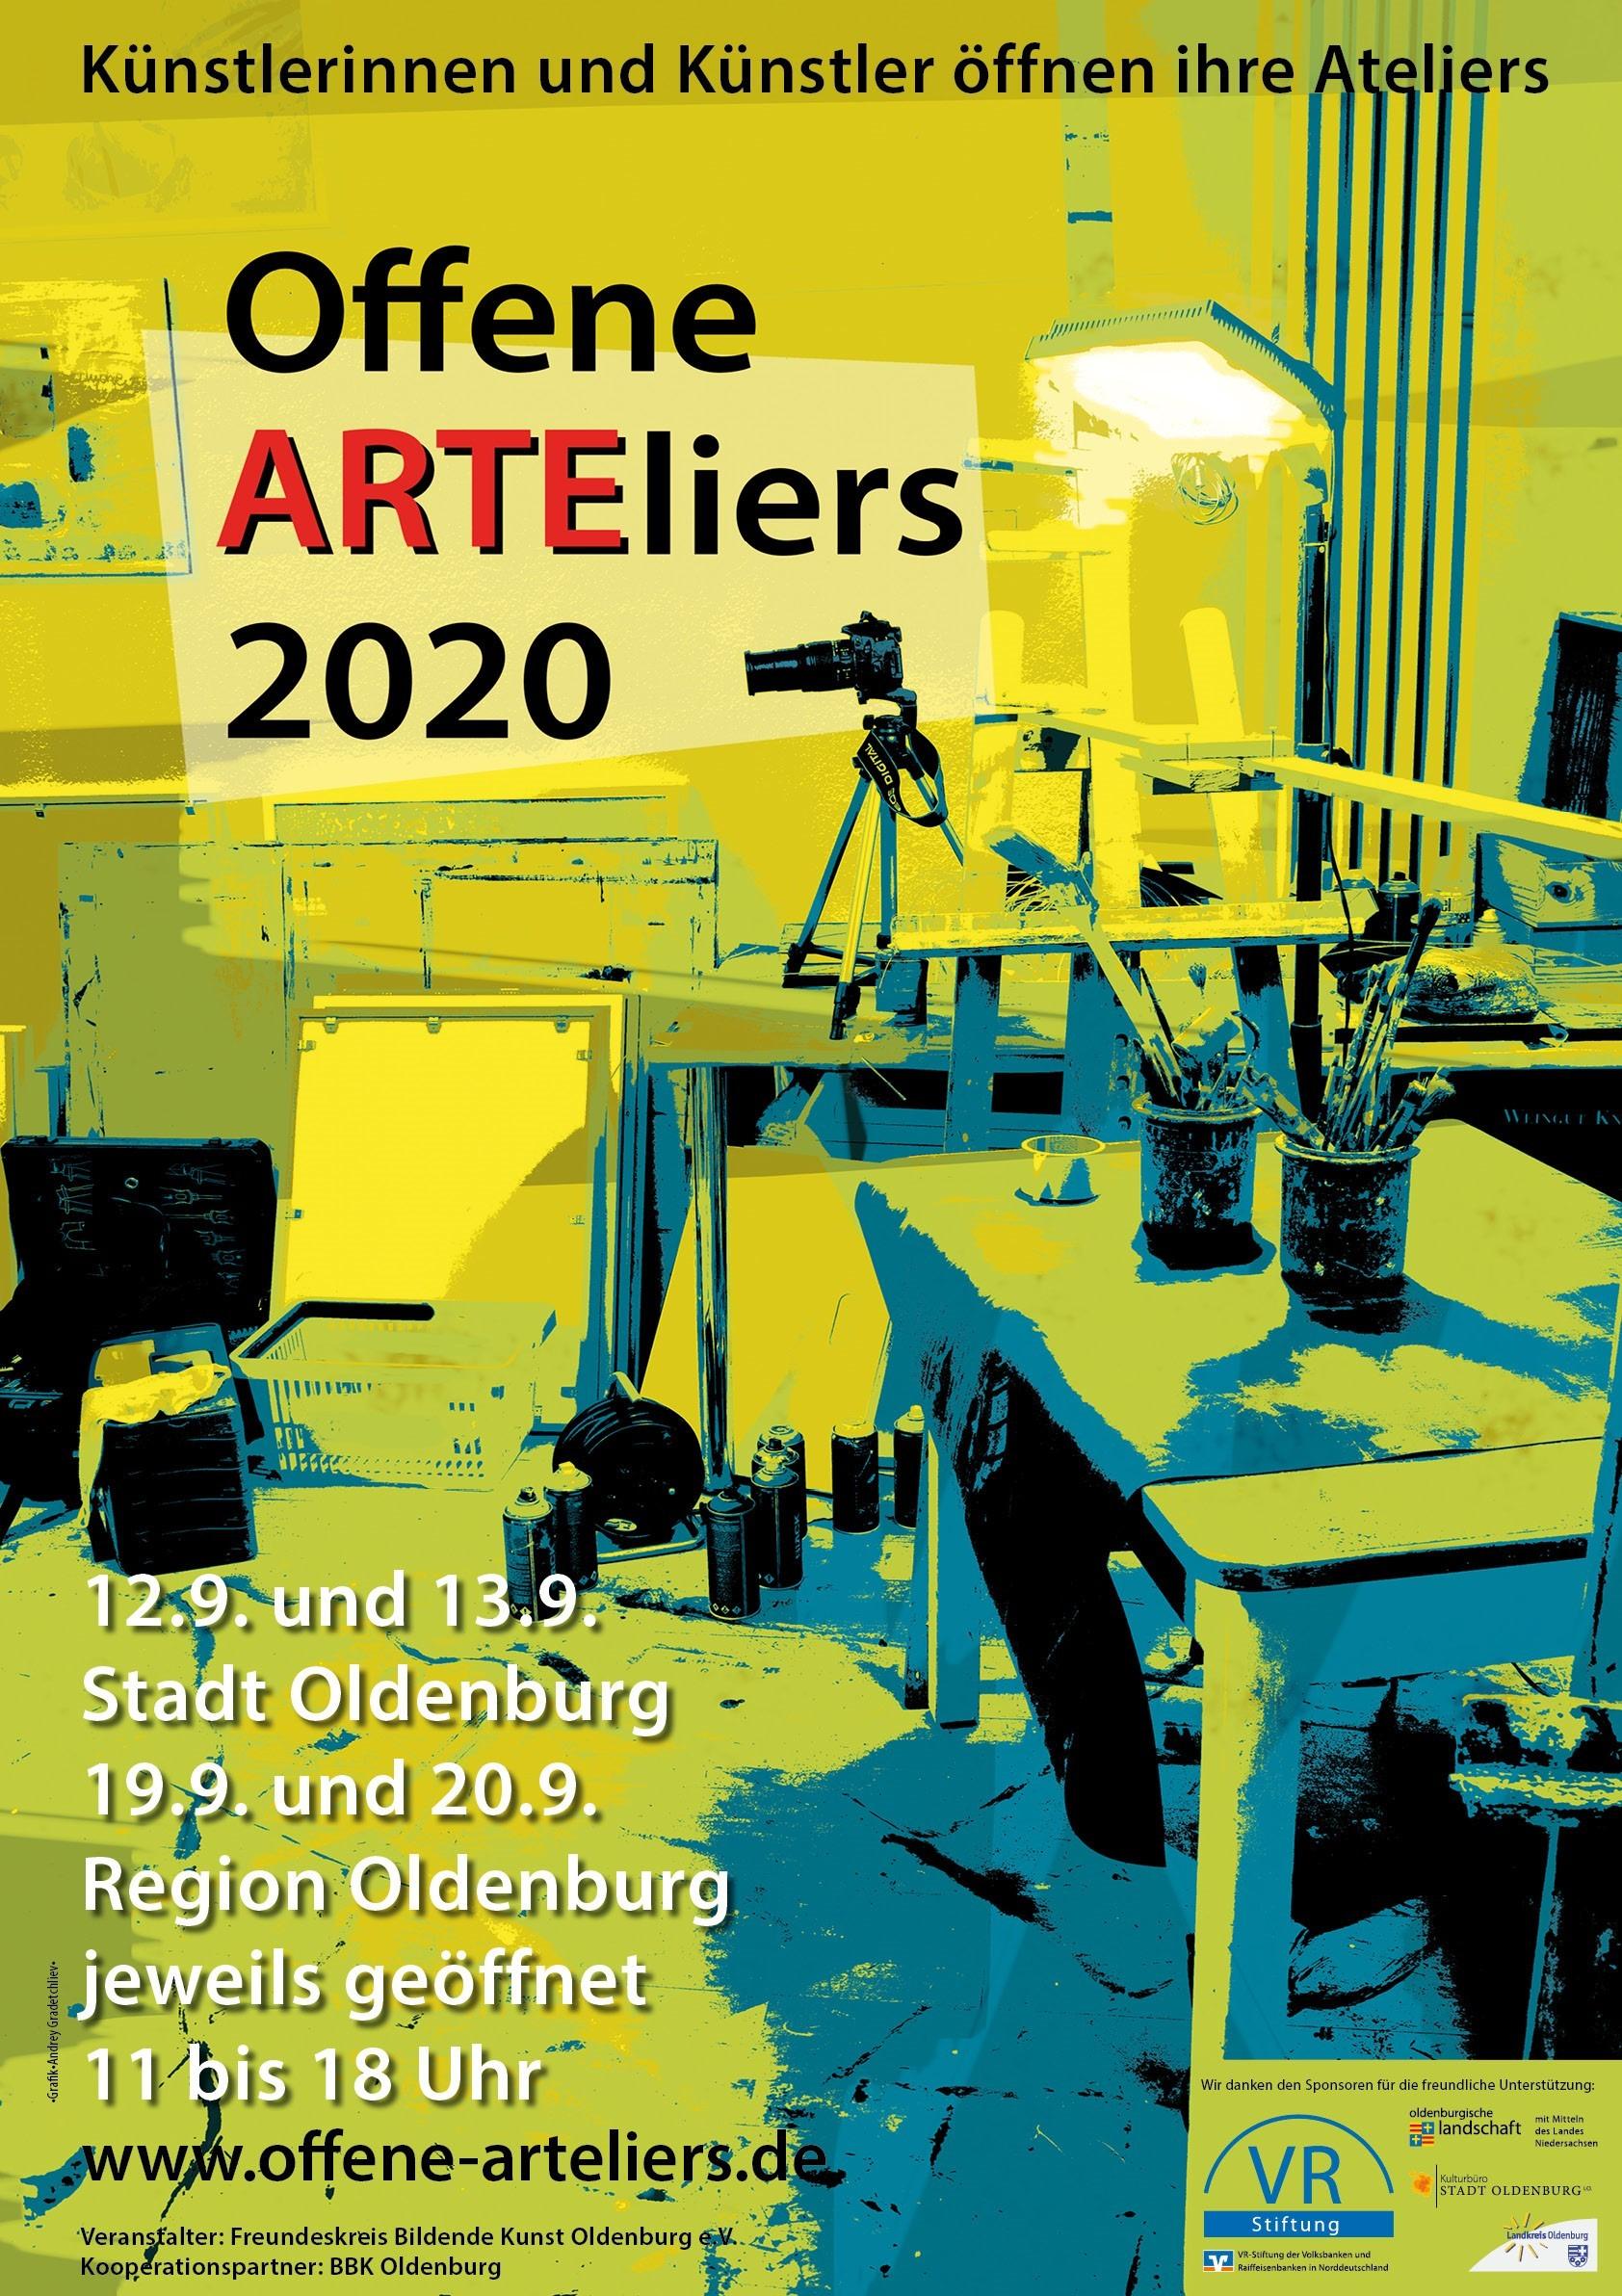 Offene ARTEliers 2020